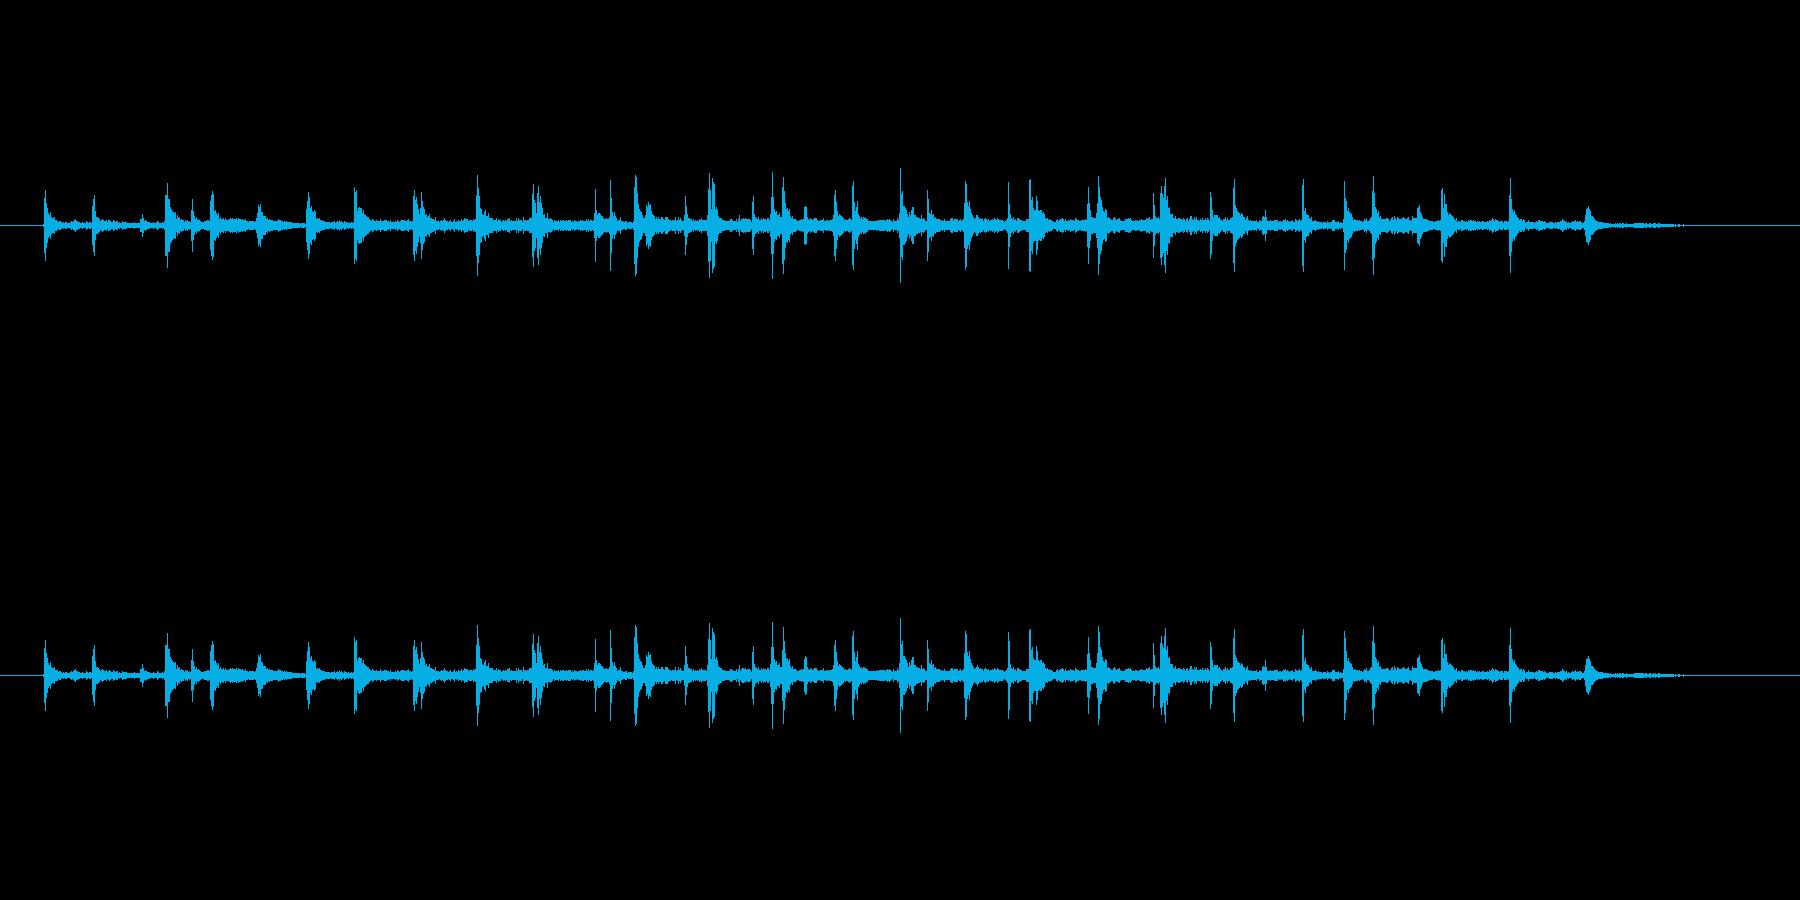 3人の拍手の再生済みの波形